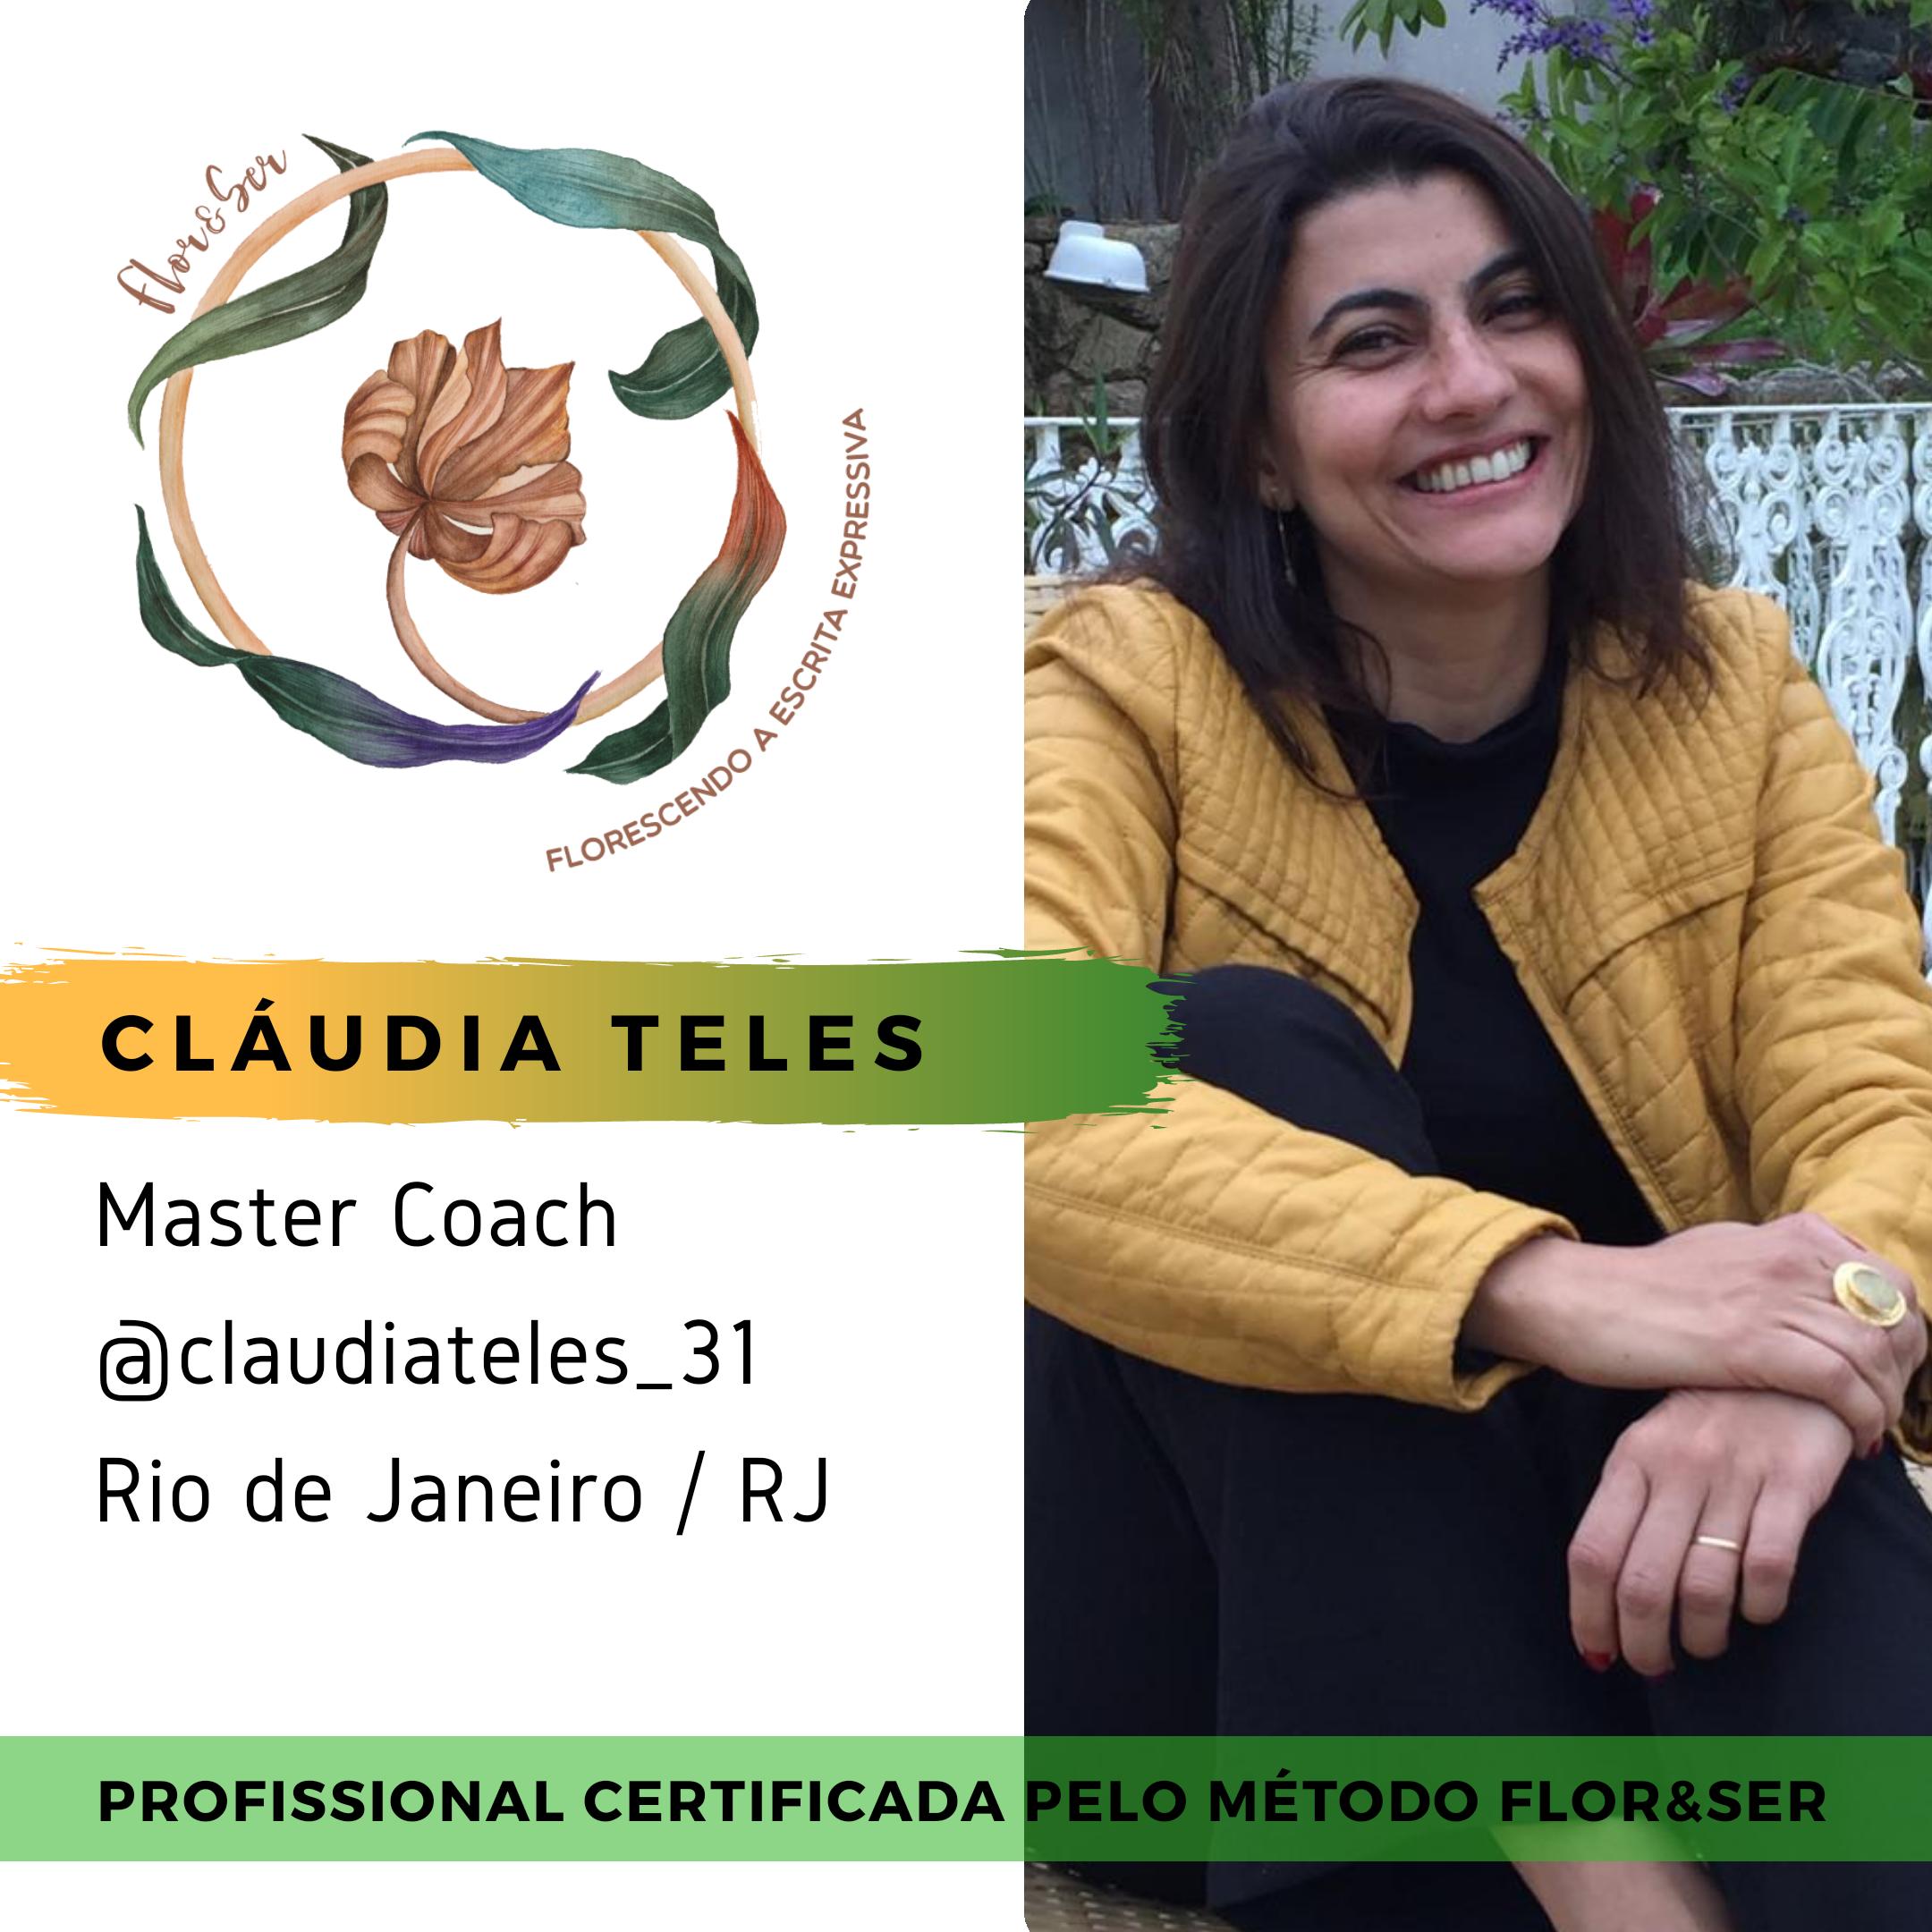 Cláudia Teles